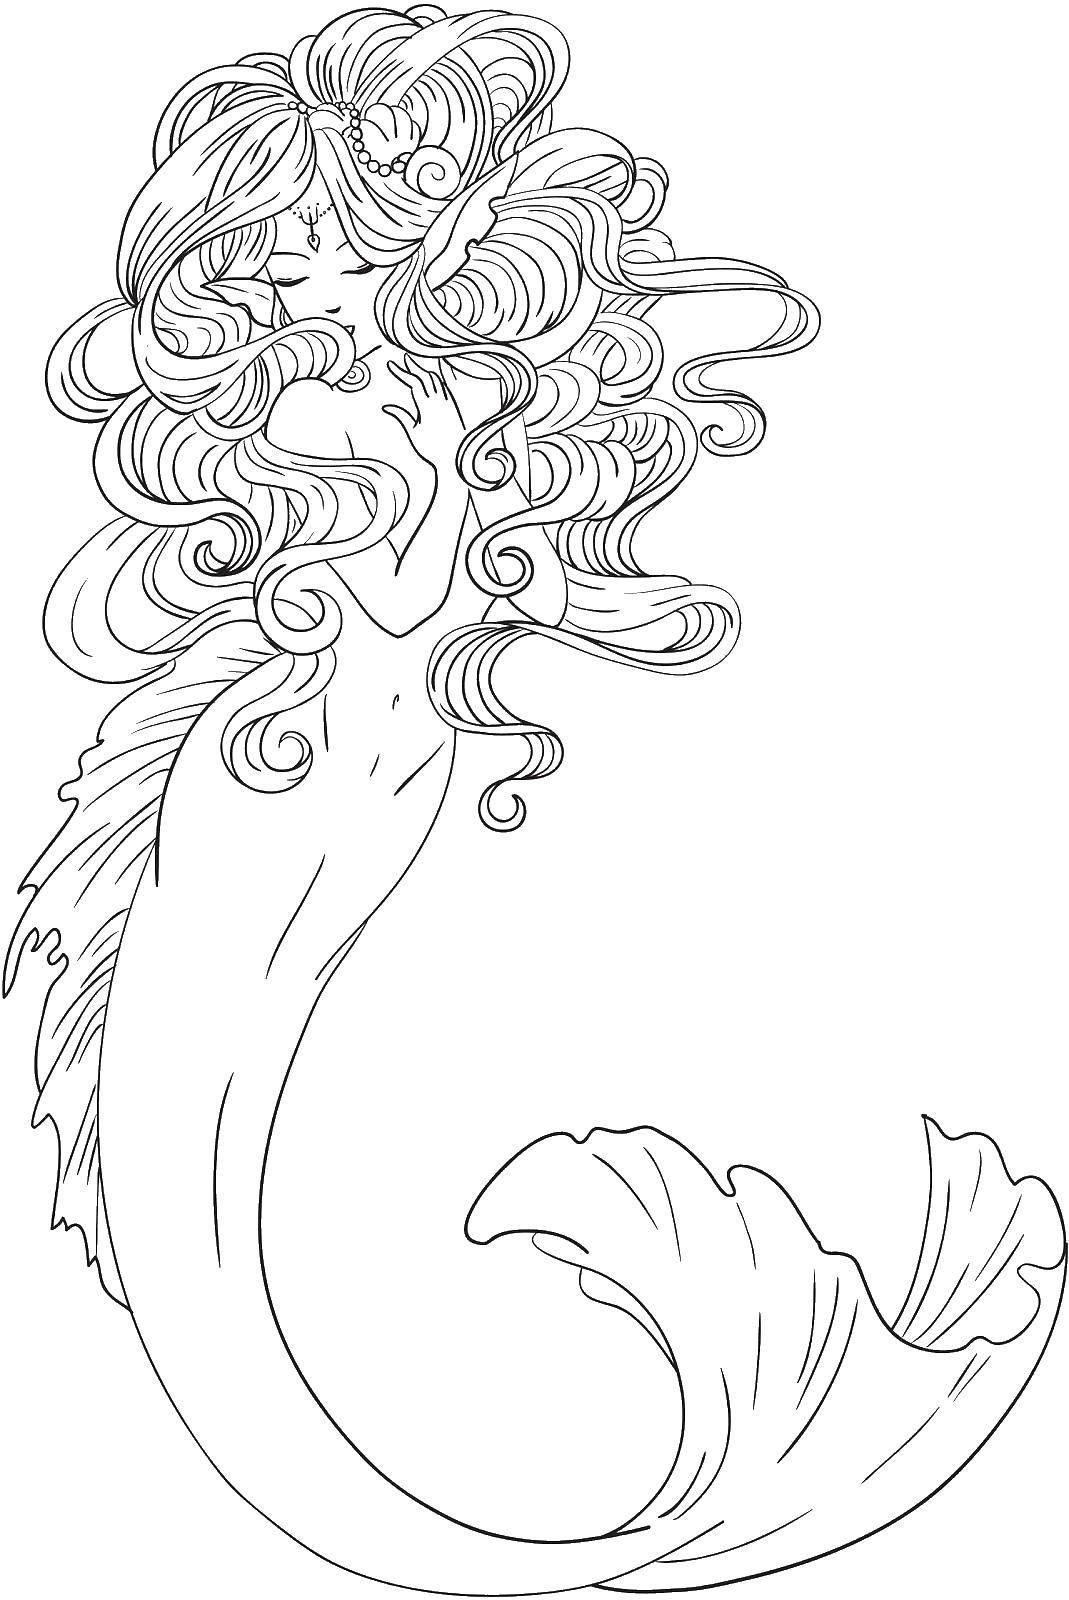 Раскраска Русалка с шикарными волосами Скачать ,фэнтези, девушка, русалка, волосы,.  Распечатать